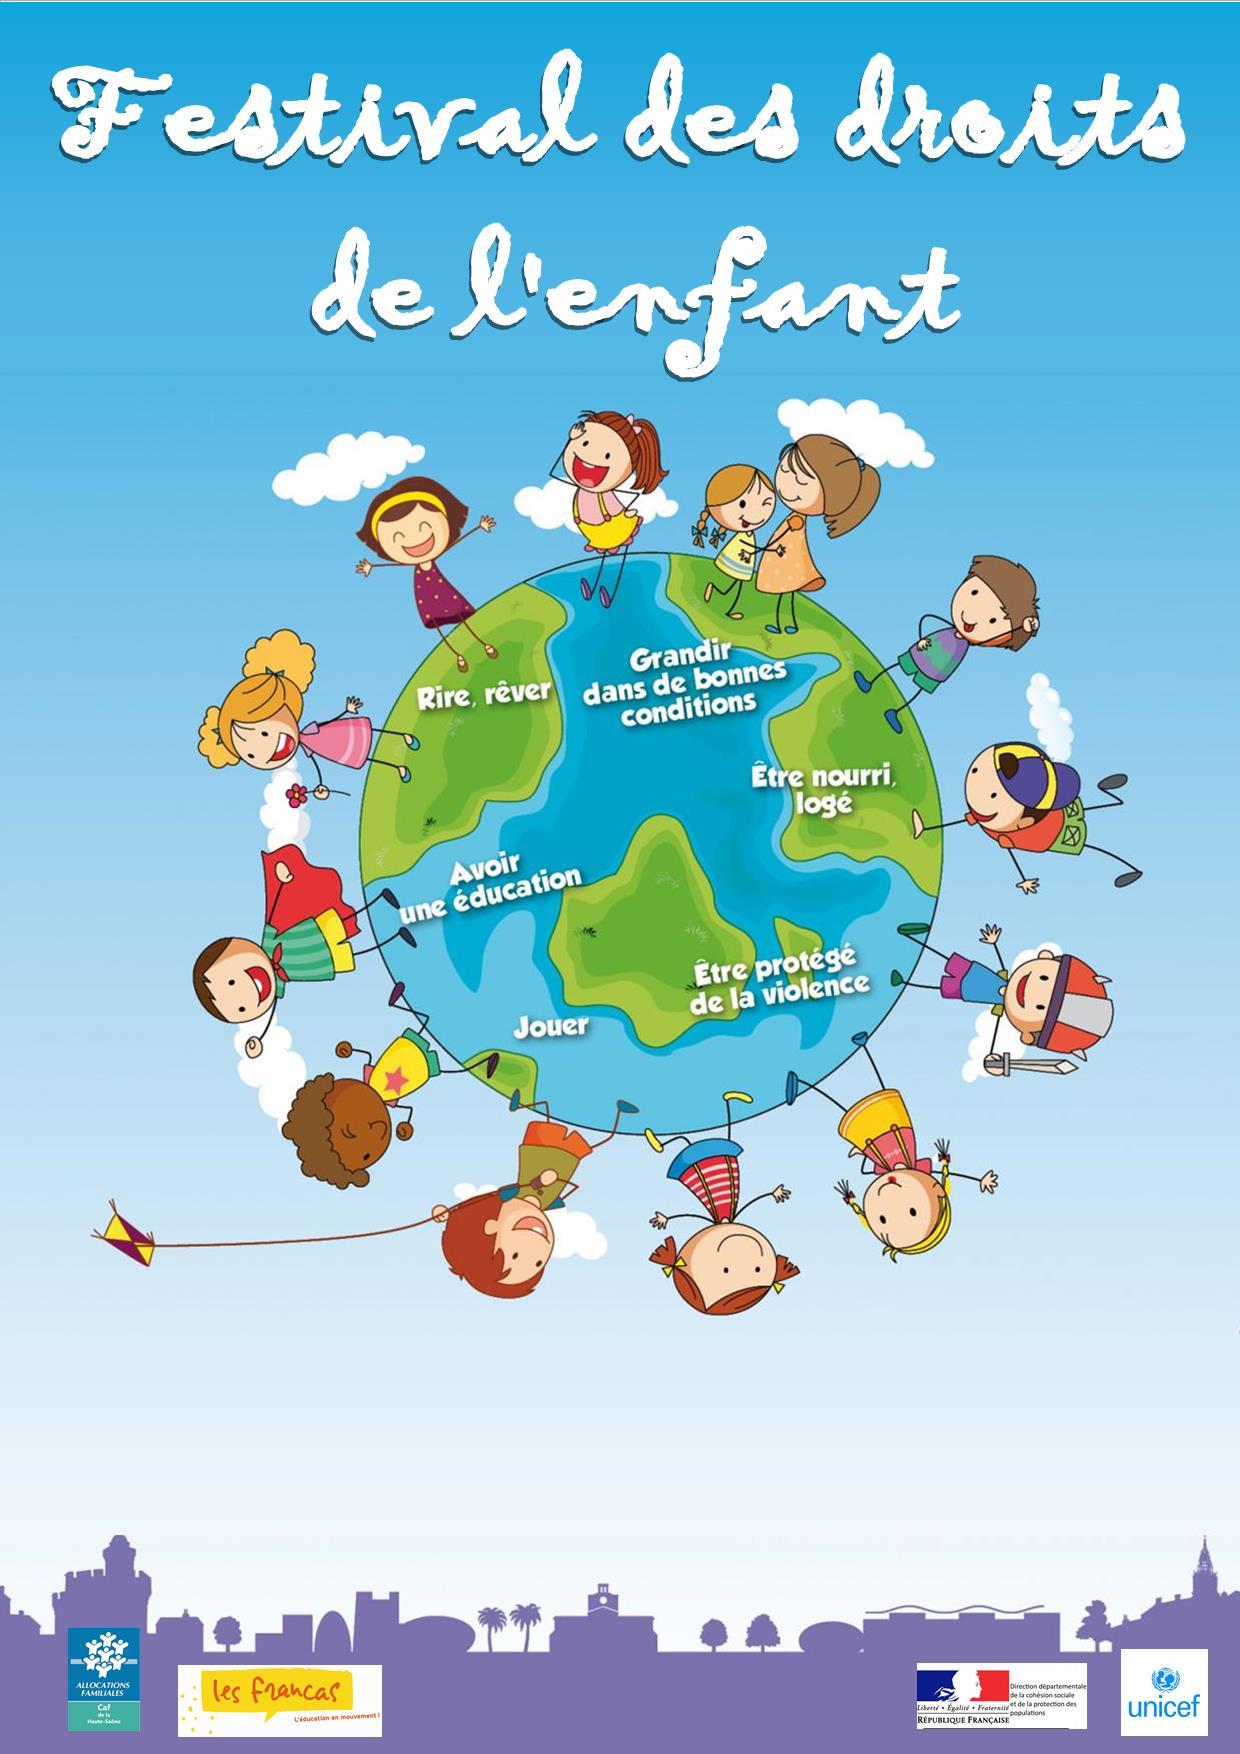 3ème Festival des droits de l'enfant